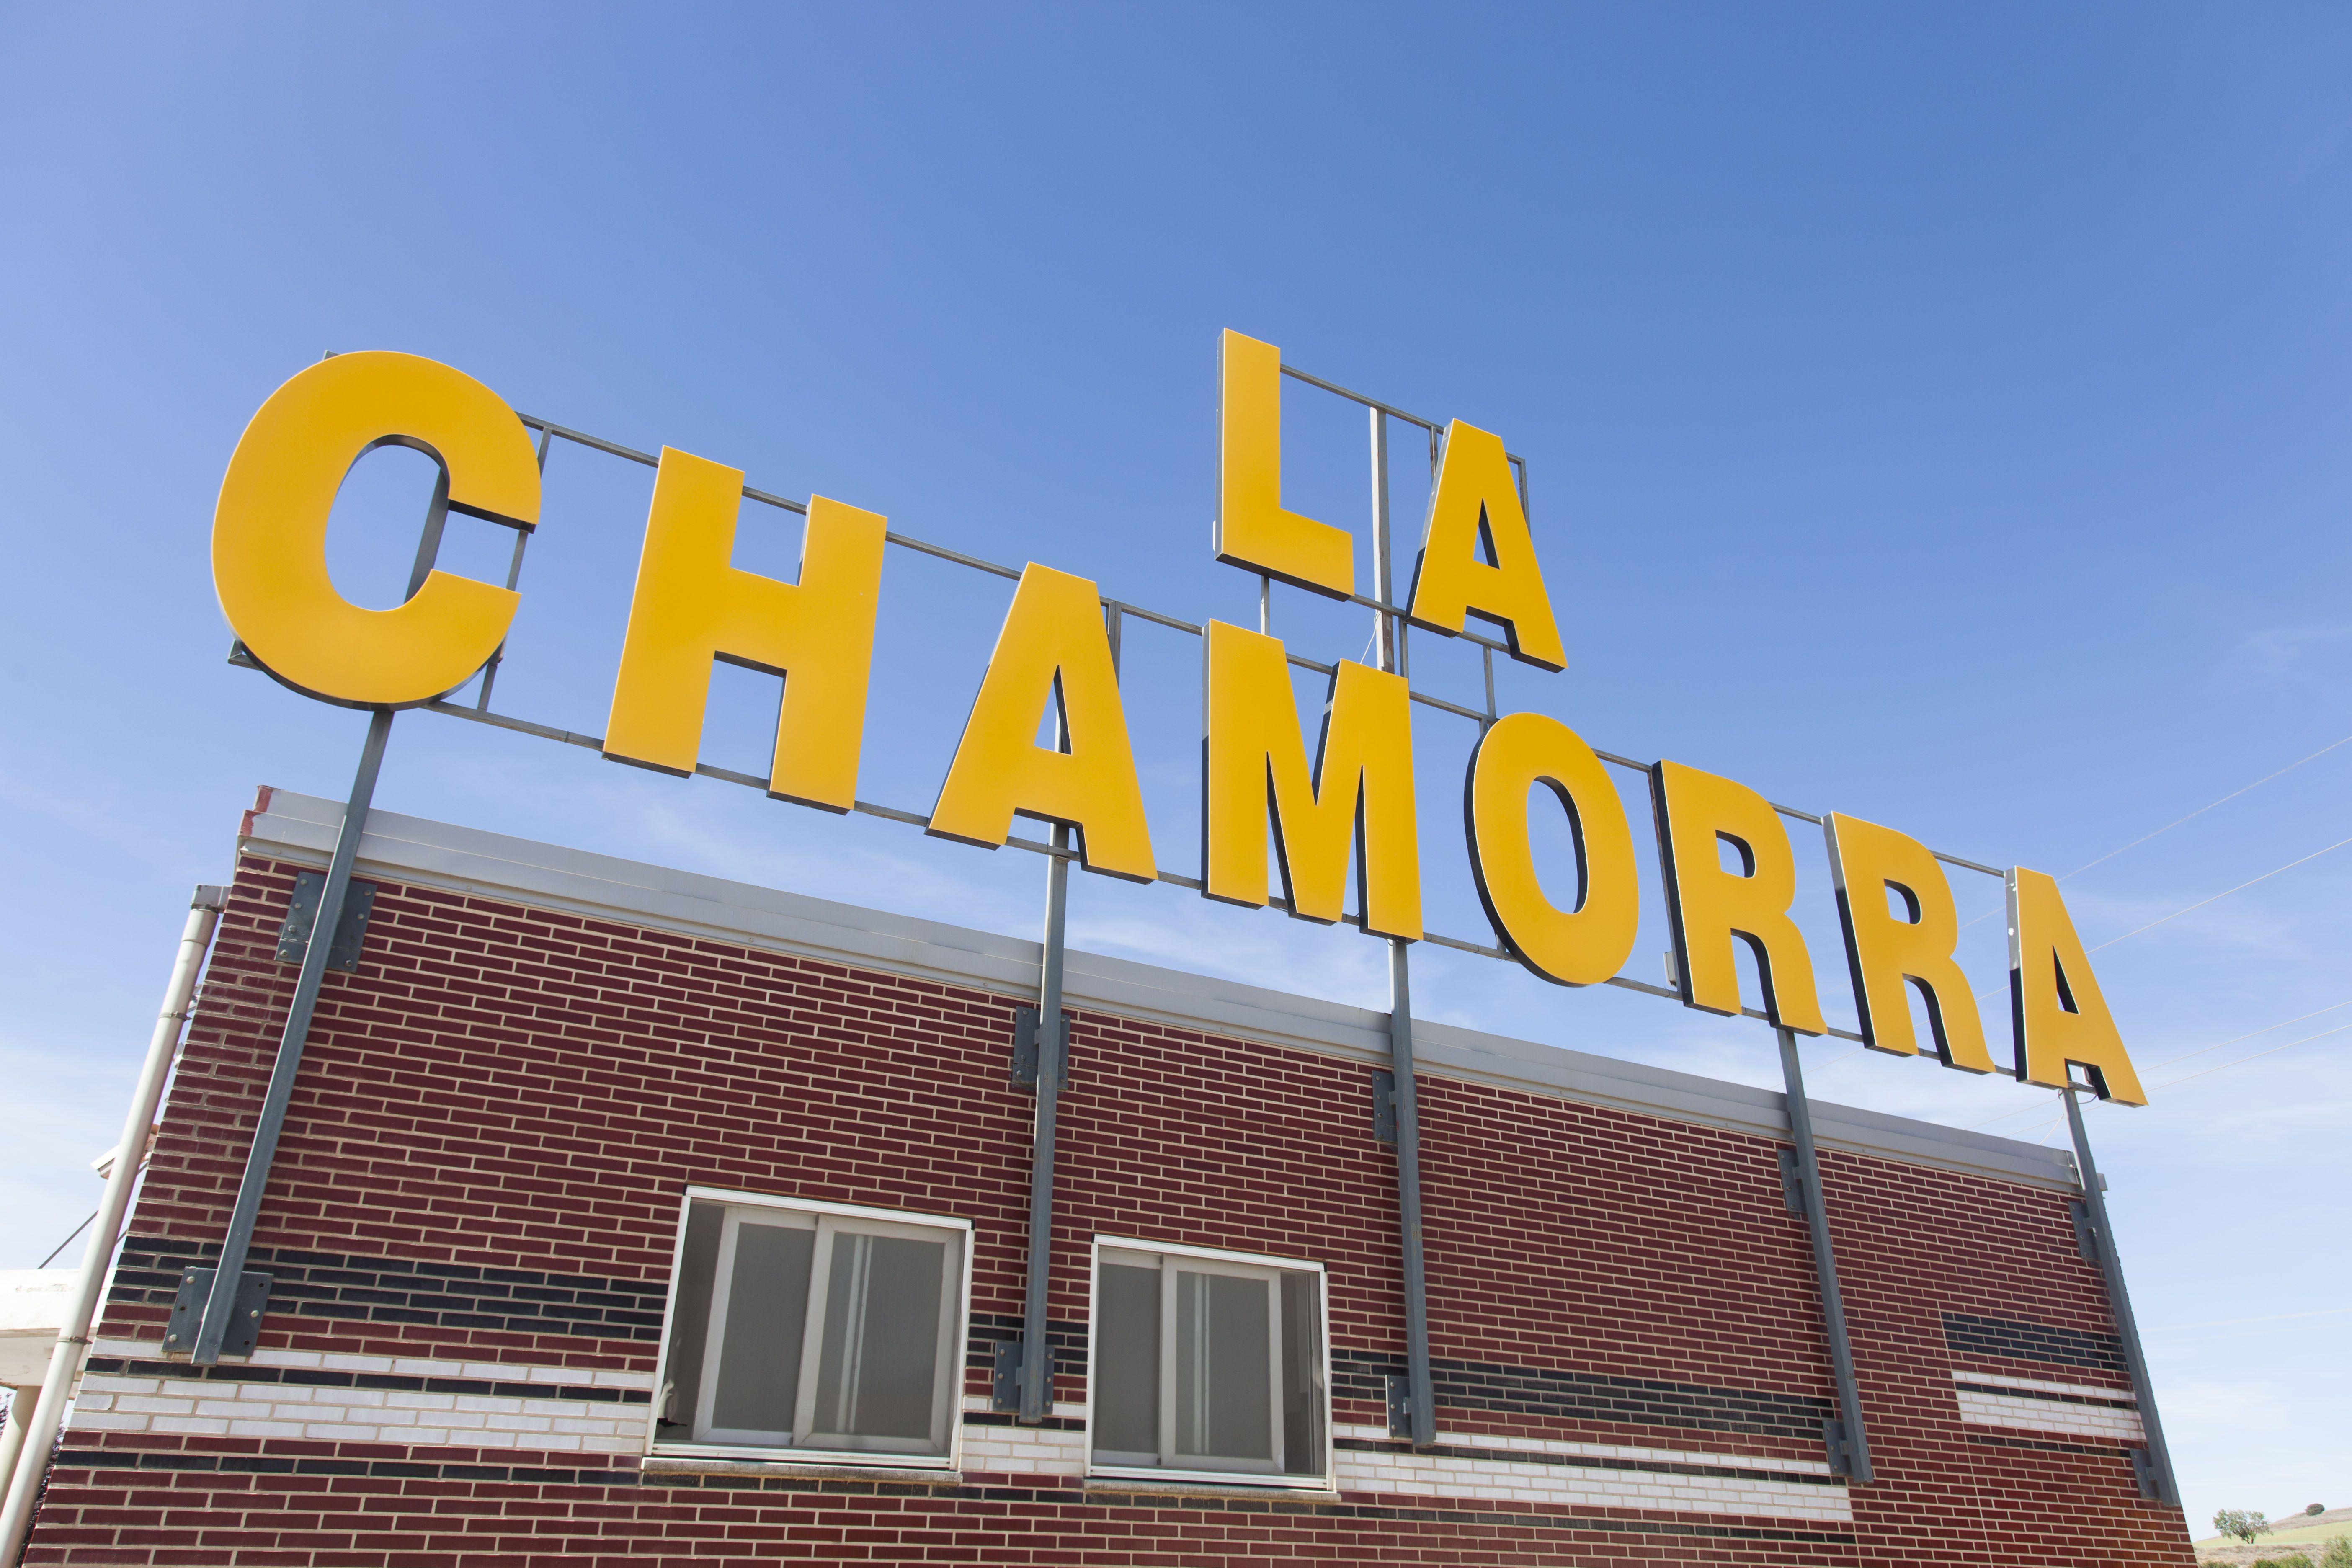 La Chamorra, cafetería, restaurante y estación de servicio en Dueñas, Palencia